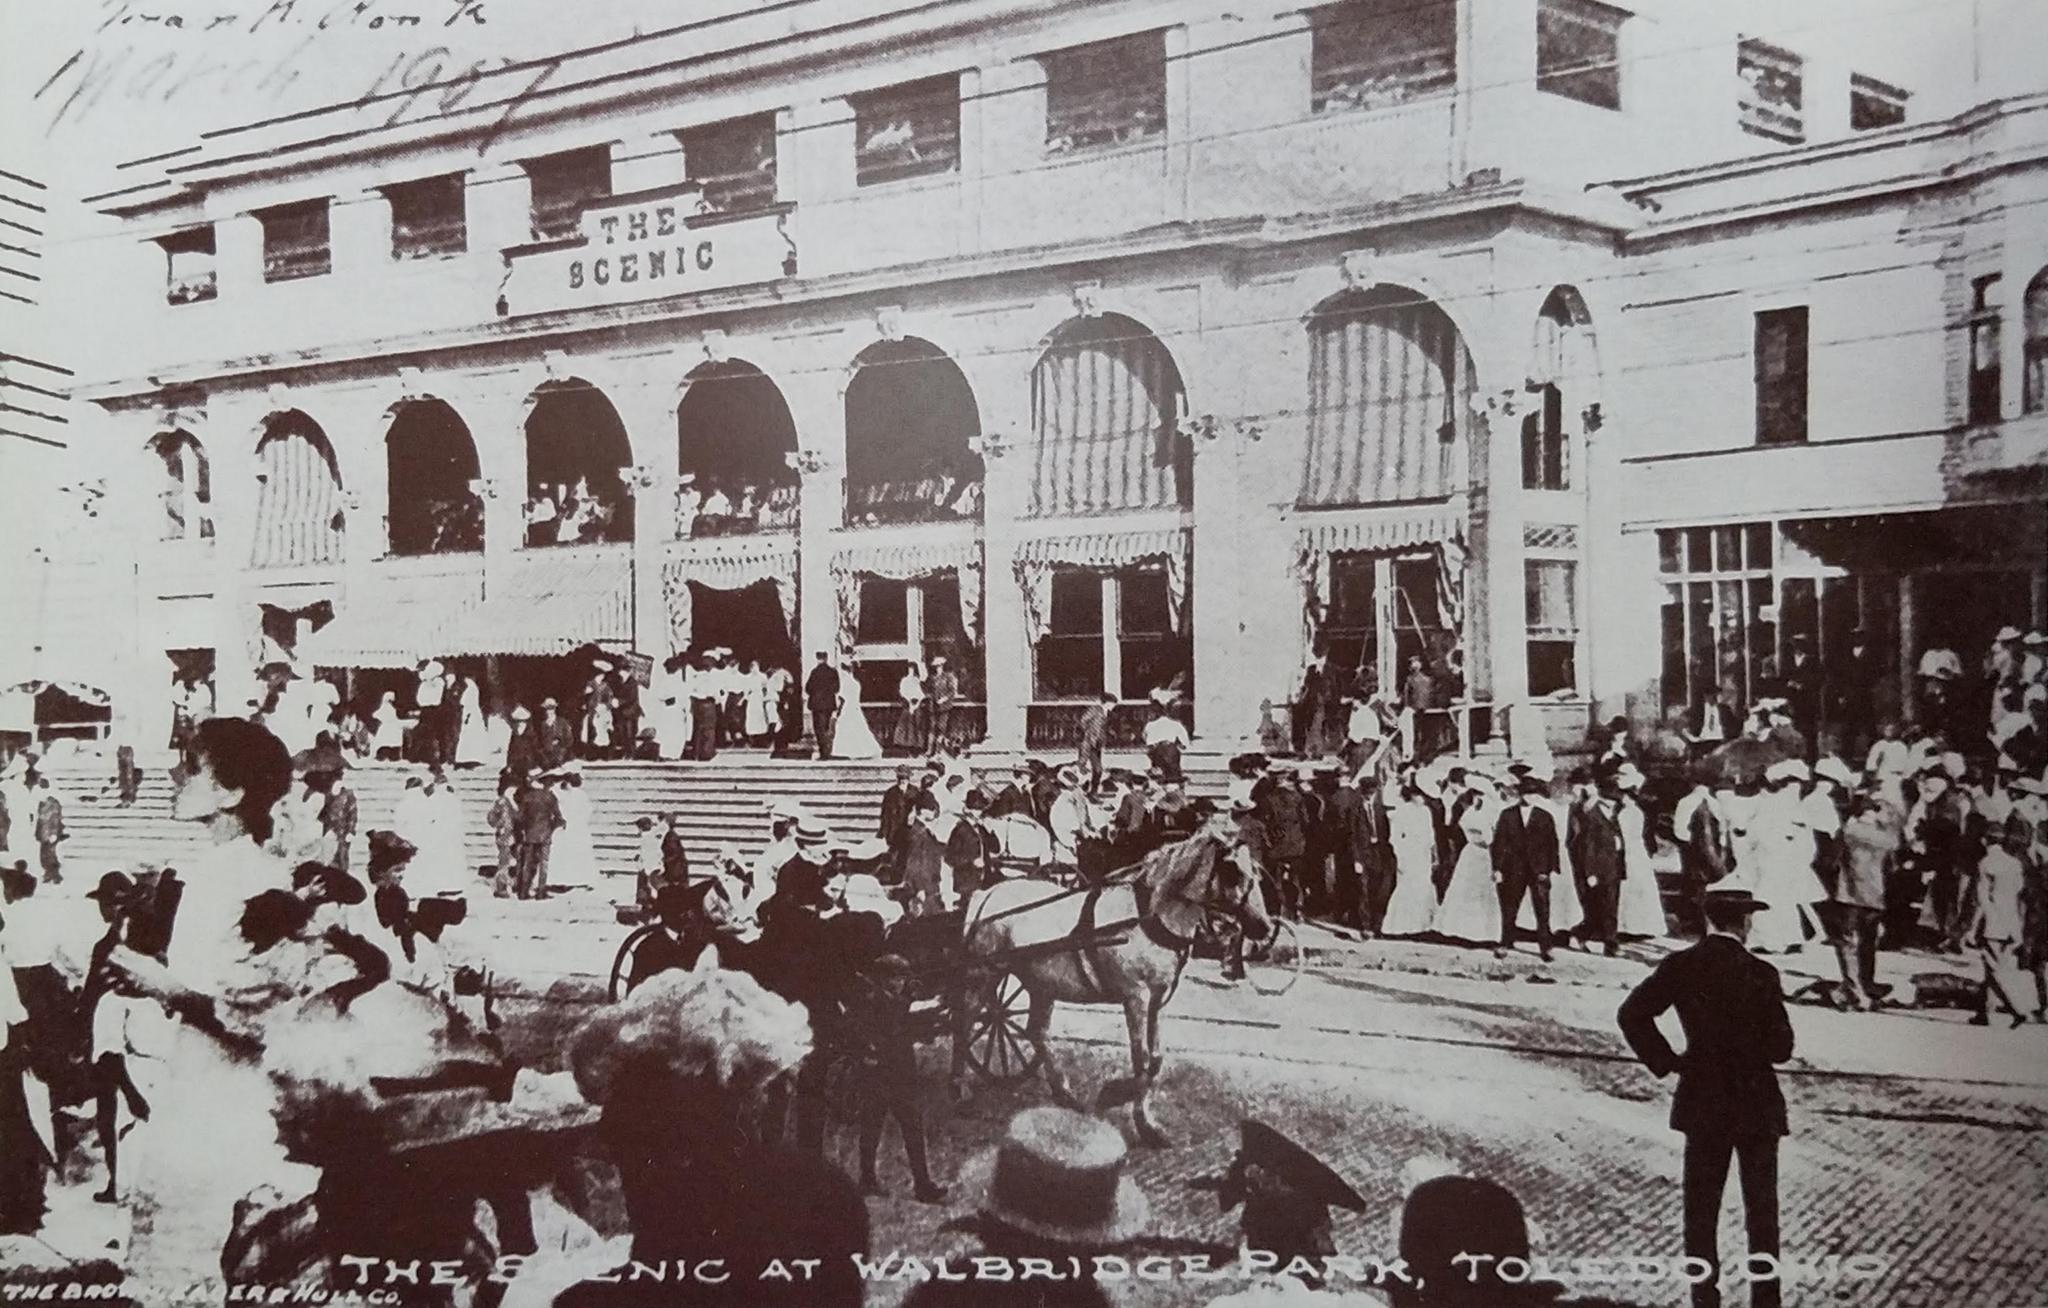 The Scenic in 1907